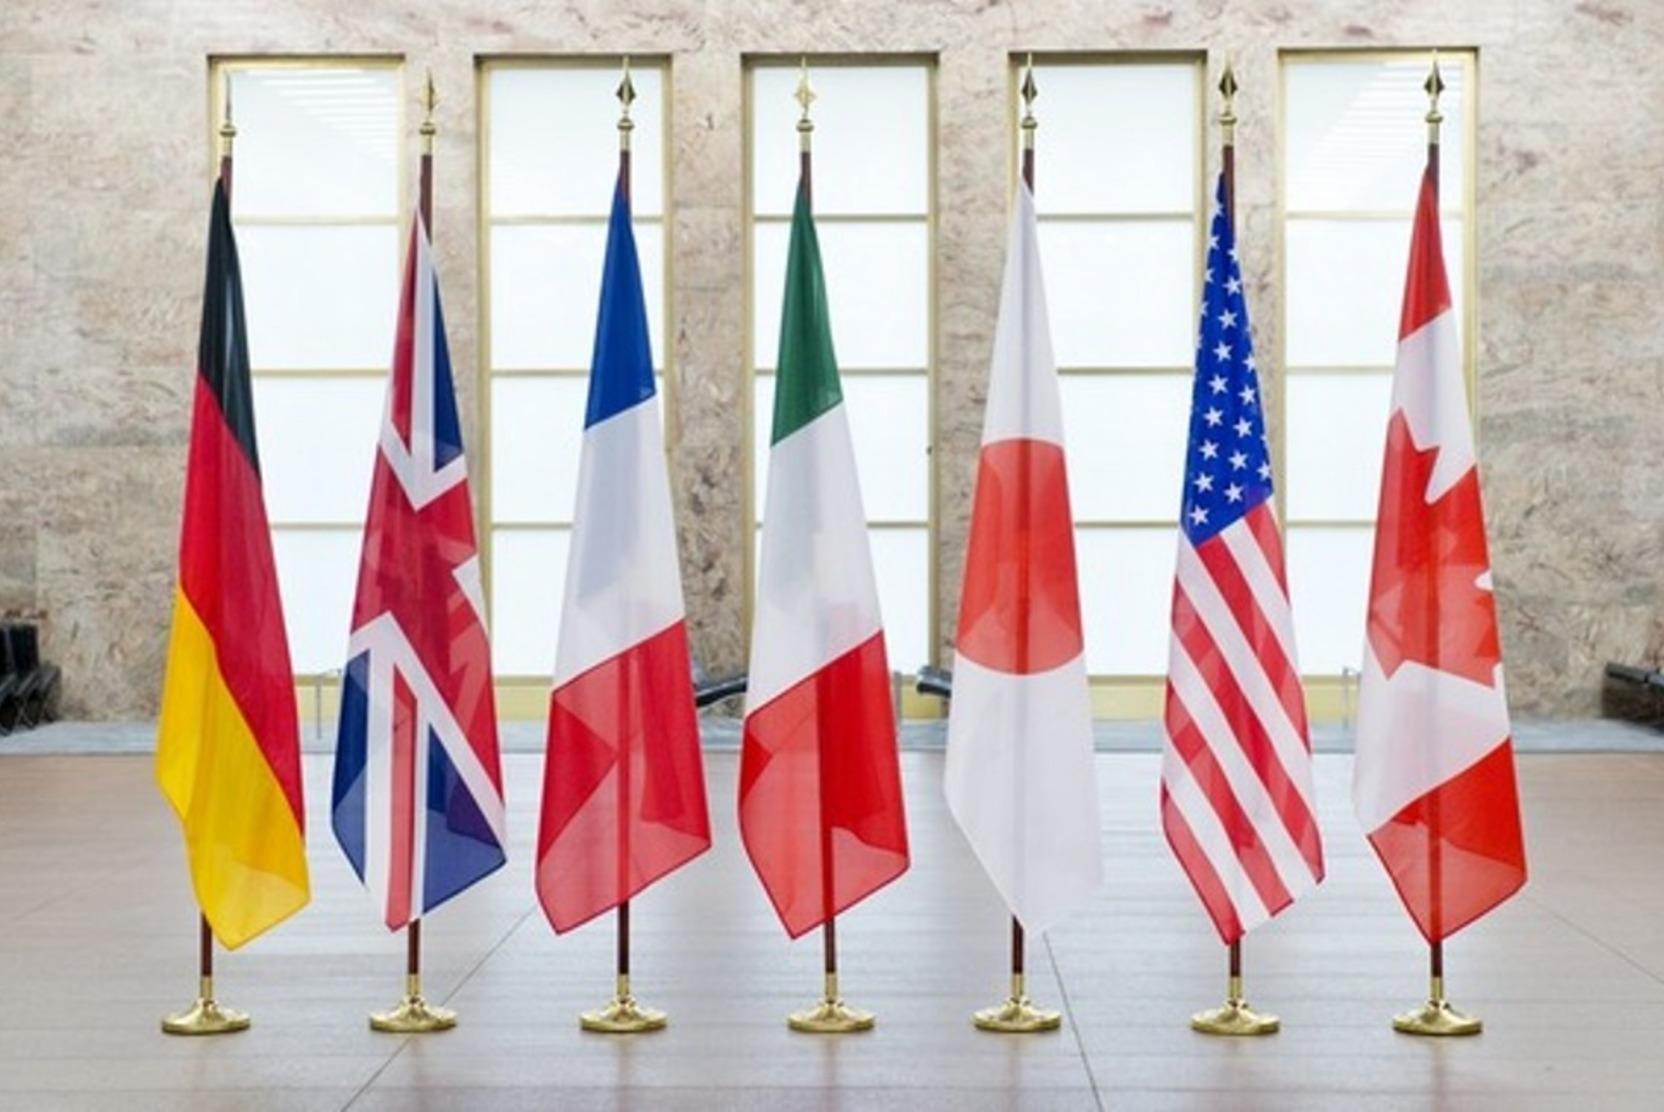 СМИ: Глава МИД Японии призвал G7 к «совместному подходу» в отношении России